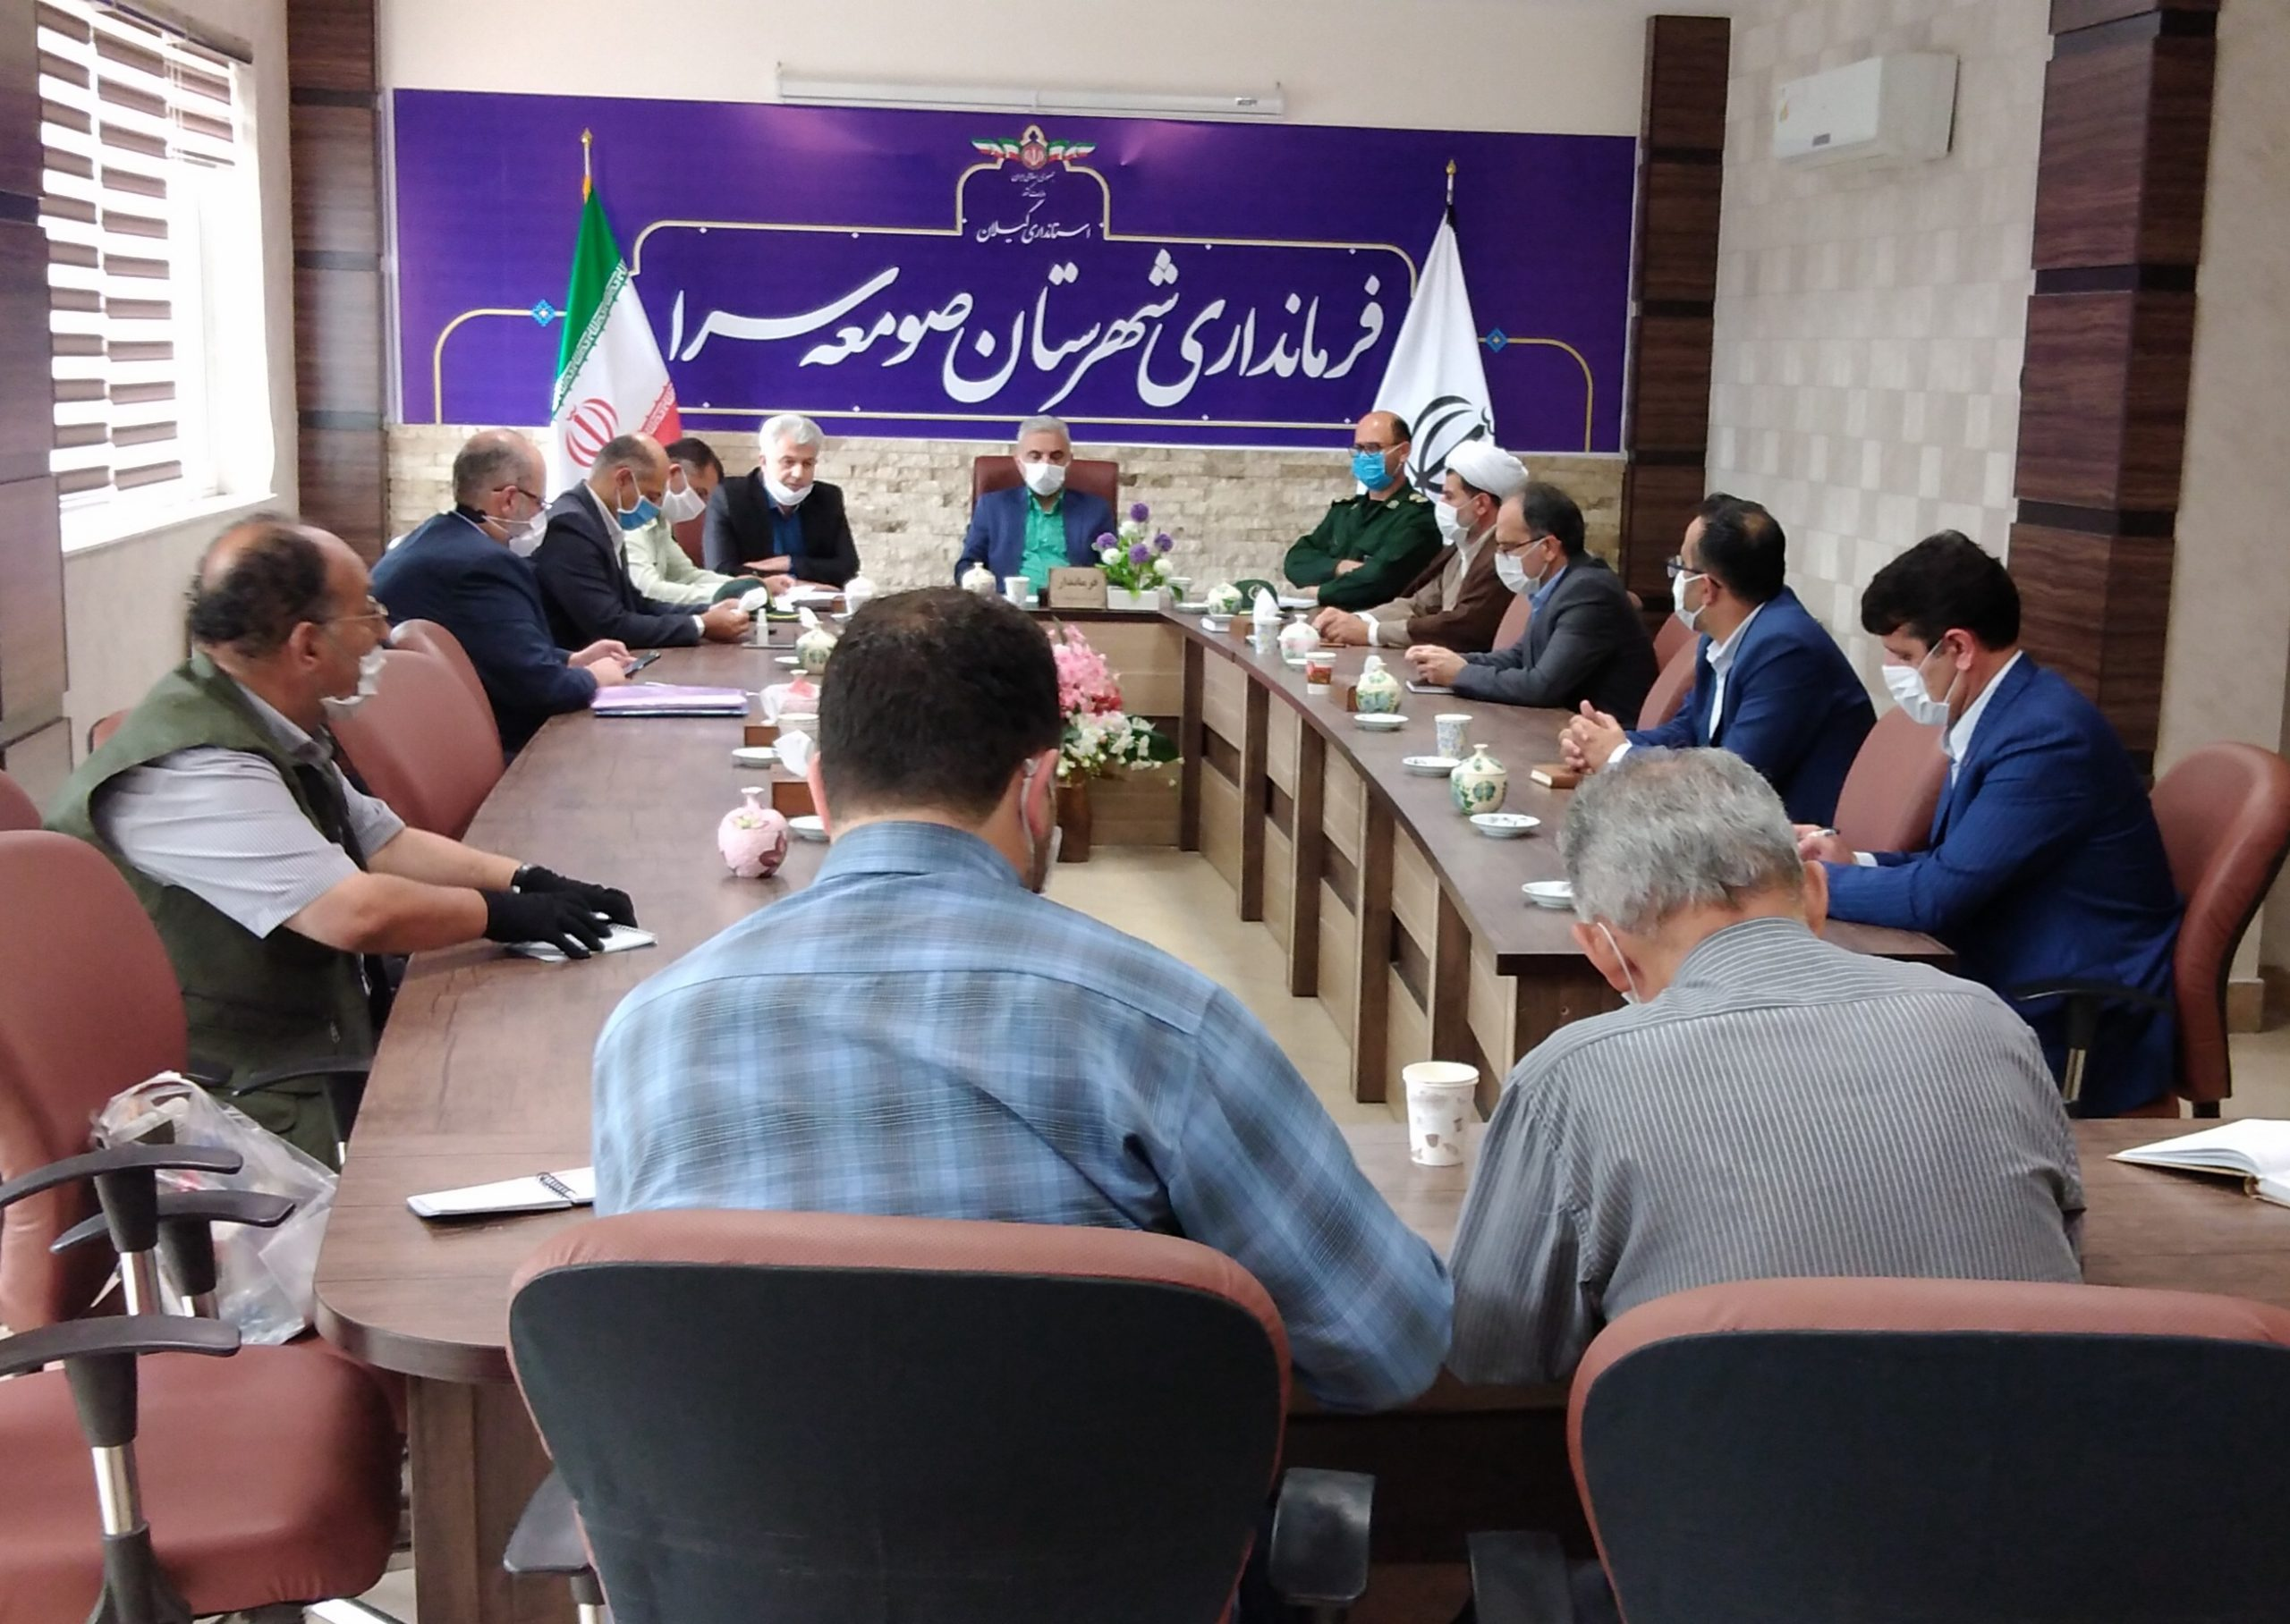 به جای غذای نذری ماسک واقلام بهداشتی بین عزاداران حسینی توزیع شود.